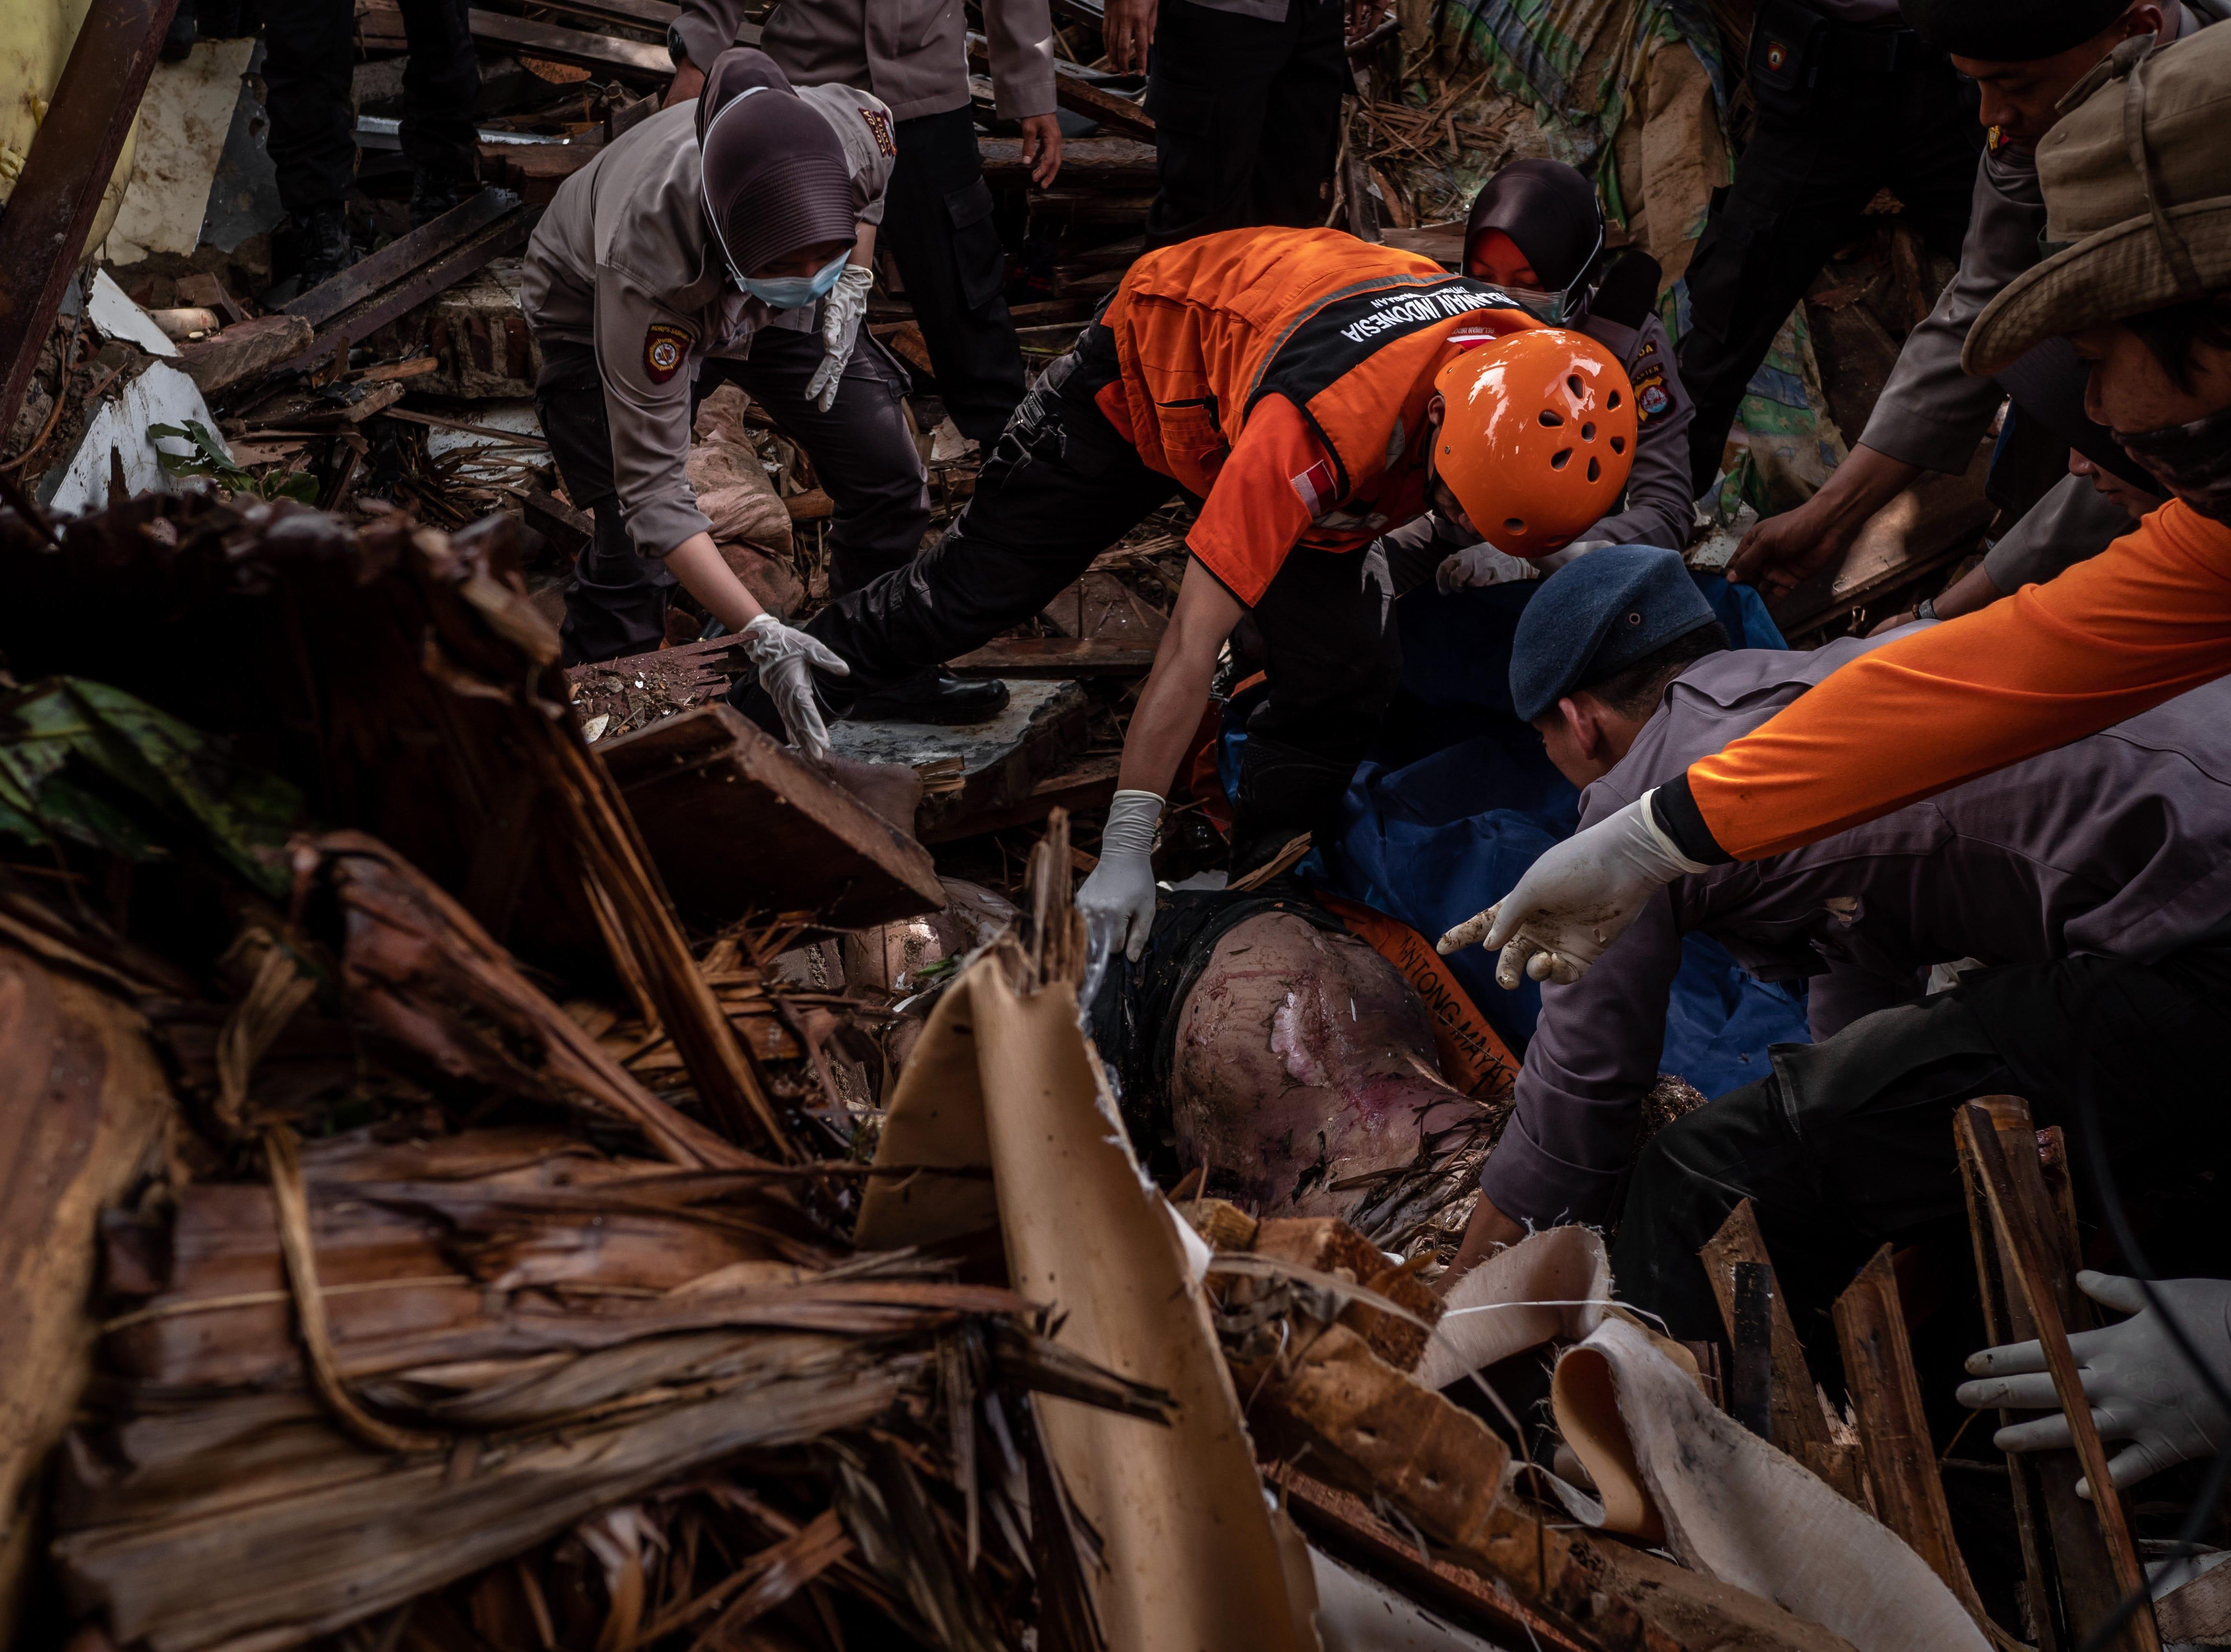 Rescatistas recuperan el cuerpo de una víctima del tsunami durante una búsqueda en un hotel resort el 24 de diciembre de 2018 en Carita, provincia de Banten, Indonesia.